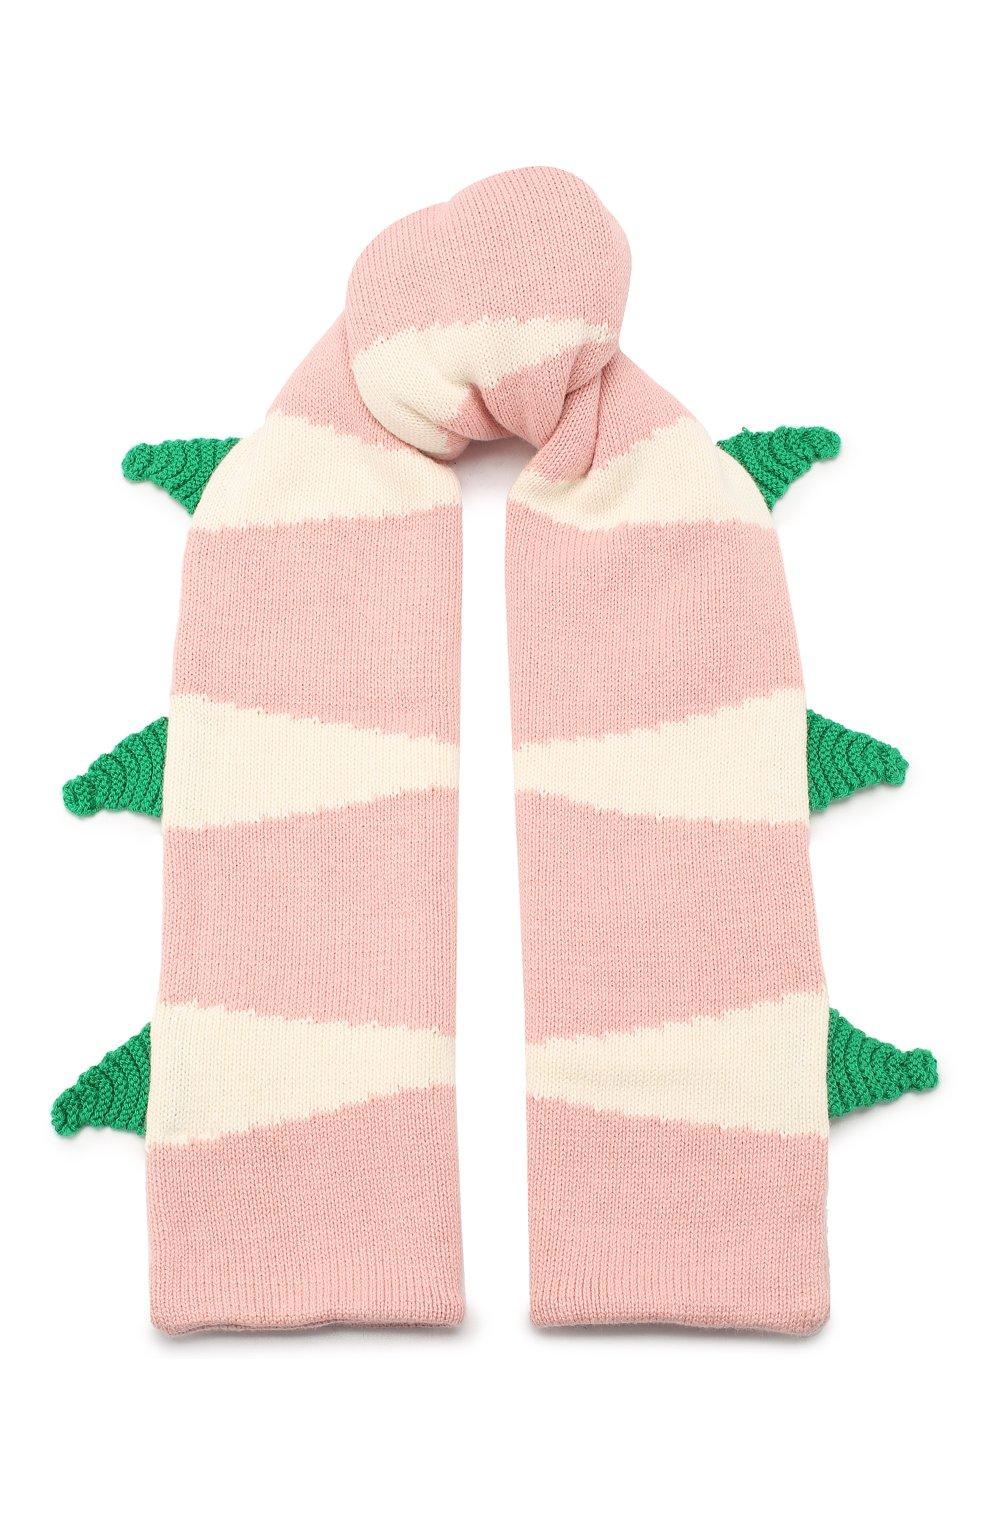 Детский комплект из шарфа и варежек STELLA MCCARTNEY розового цвета, арт. 566337/SNM18 | Фото 2 (Материал: Текстиль, Хлопок; Статус проверки: Проверено, Проверена категория)